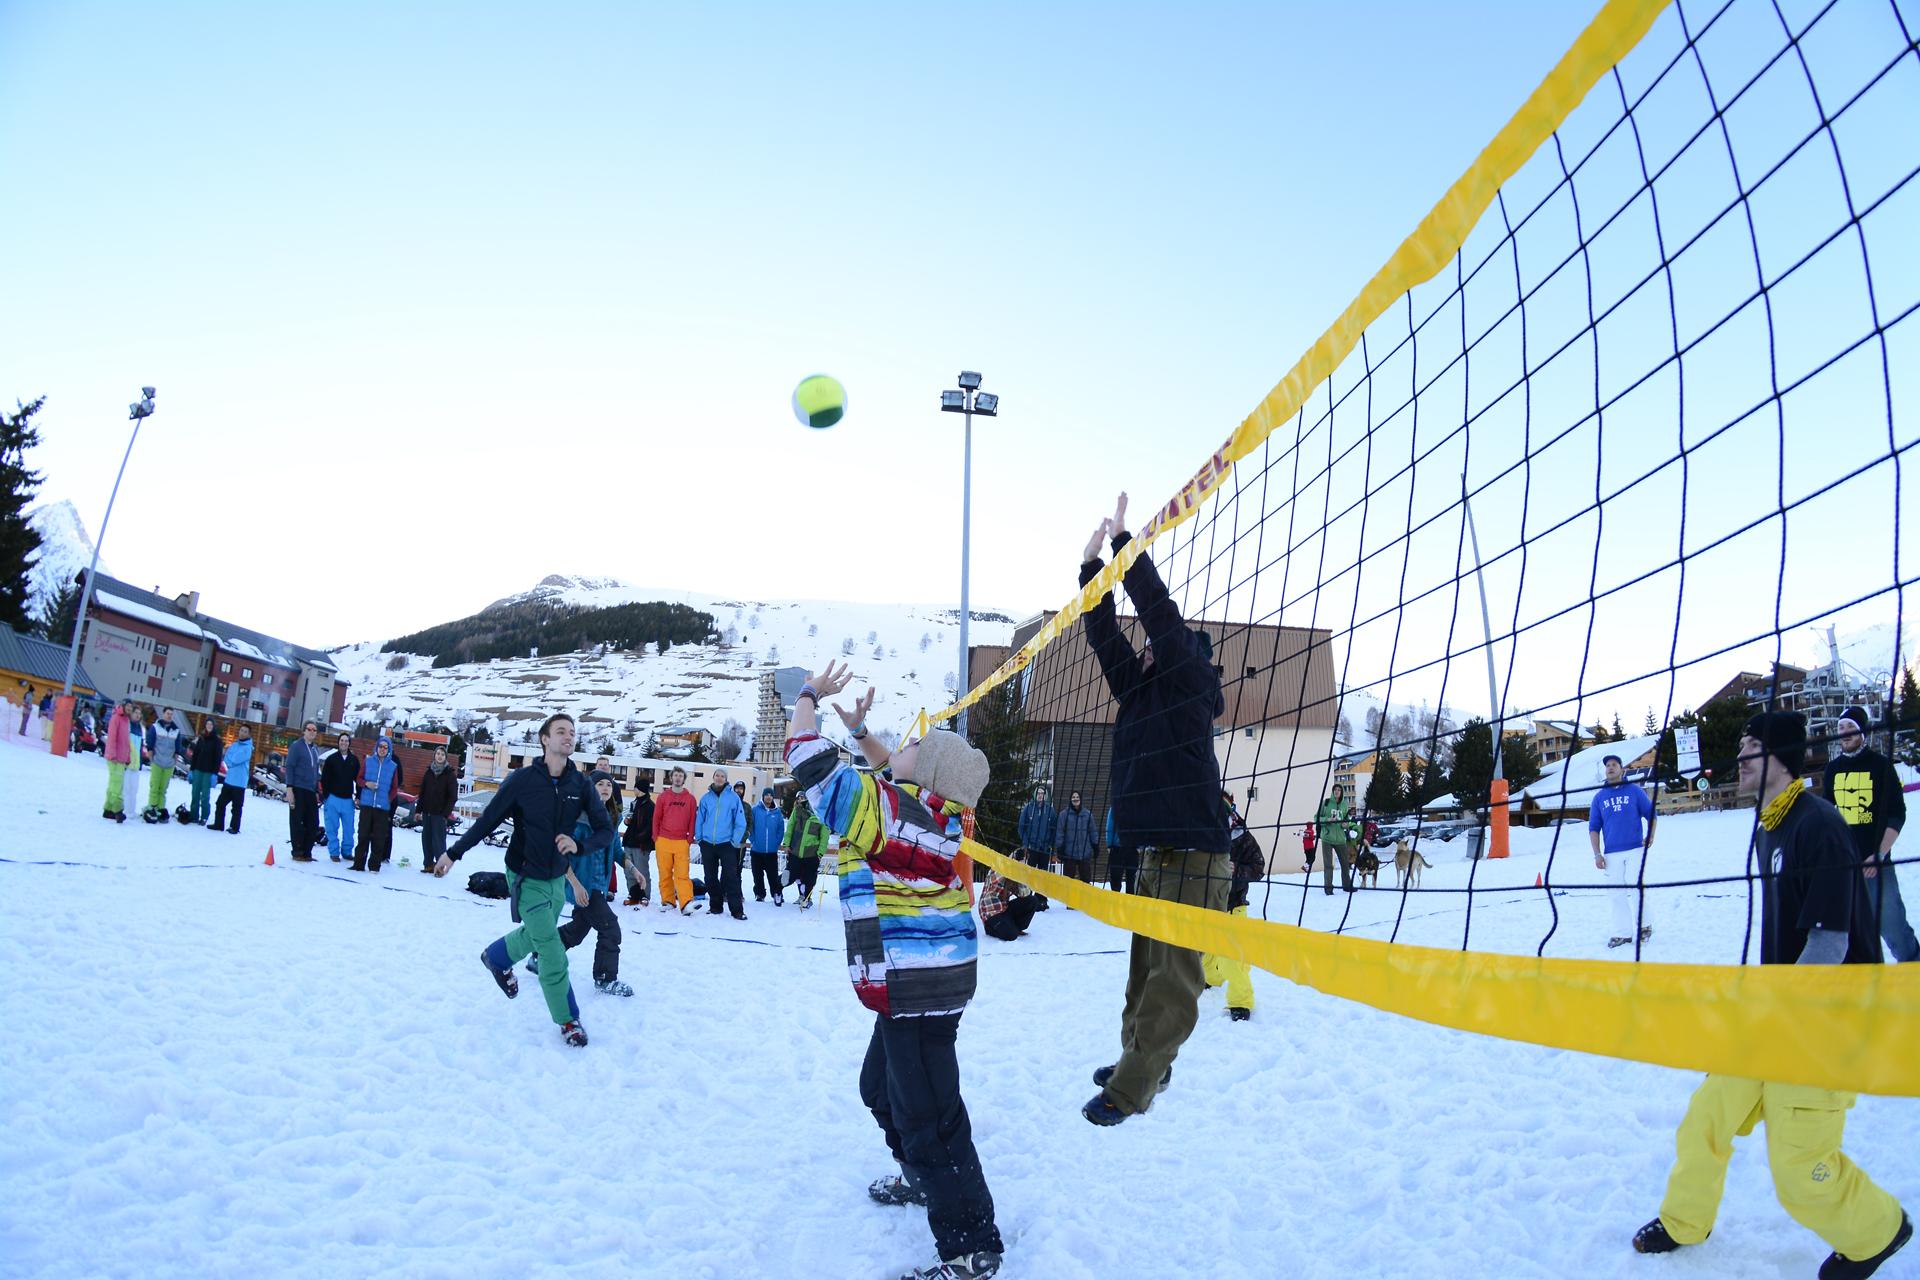 UniChamp 2016 in Les Deux Alpes